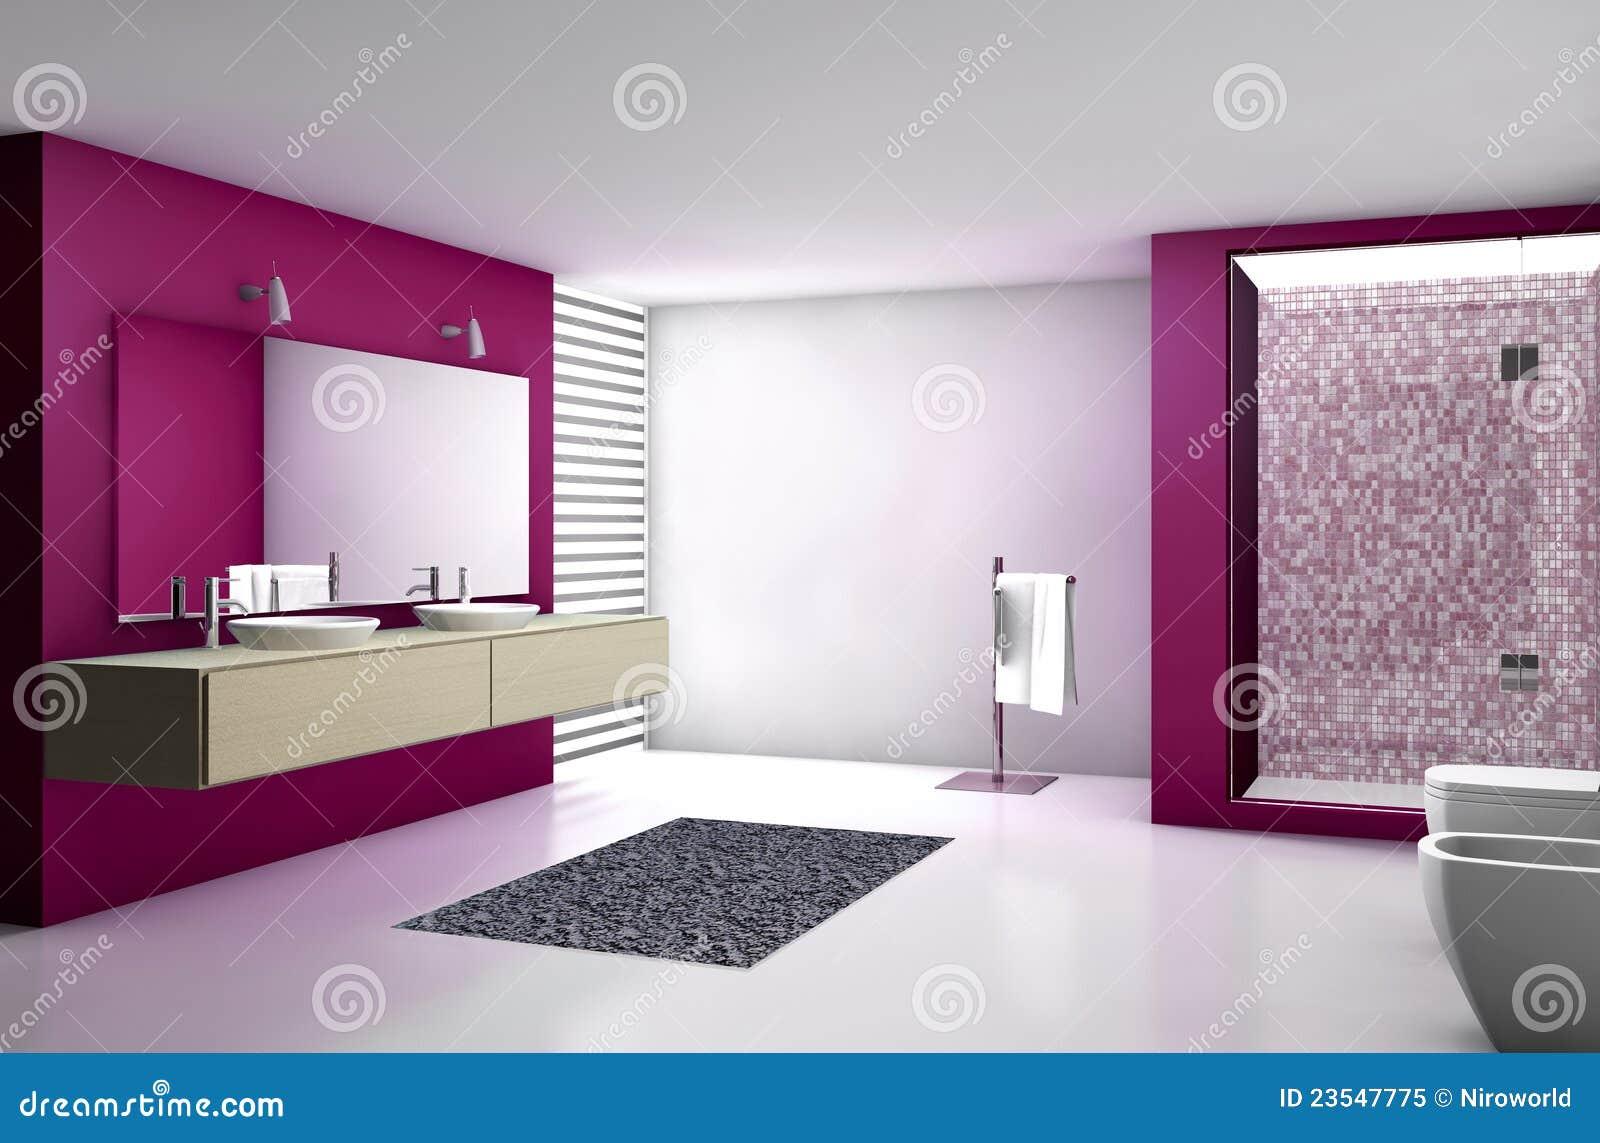 Baño Blanco Con Rojo: con diseño moderno y los muebles, coloreados en rojo, arce y blanco